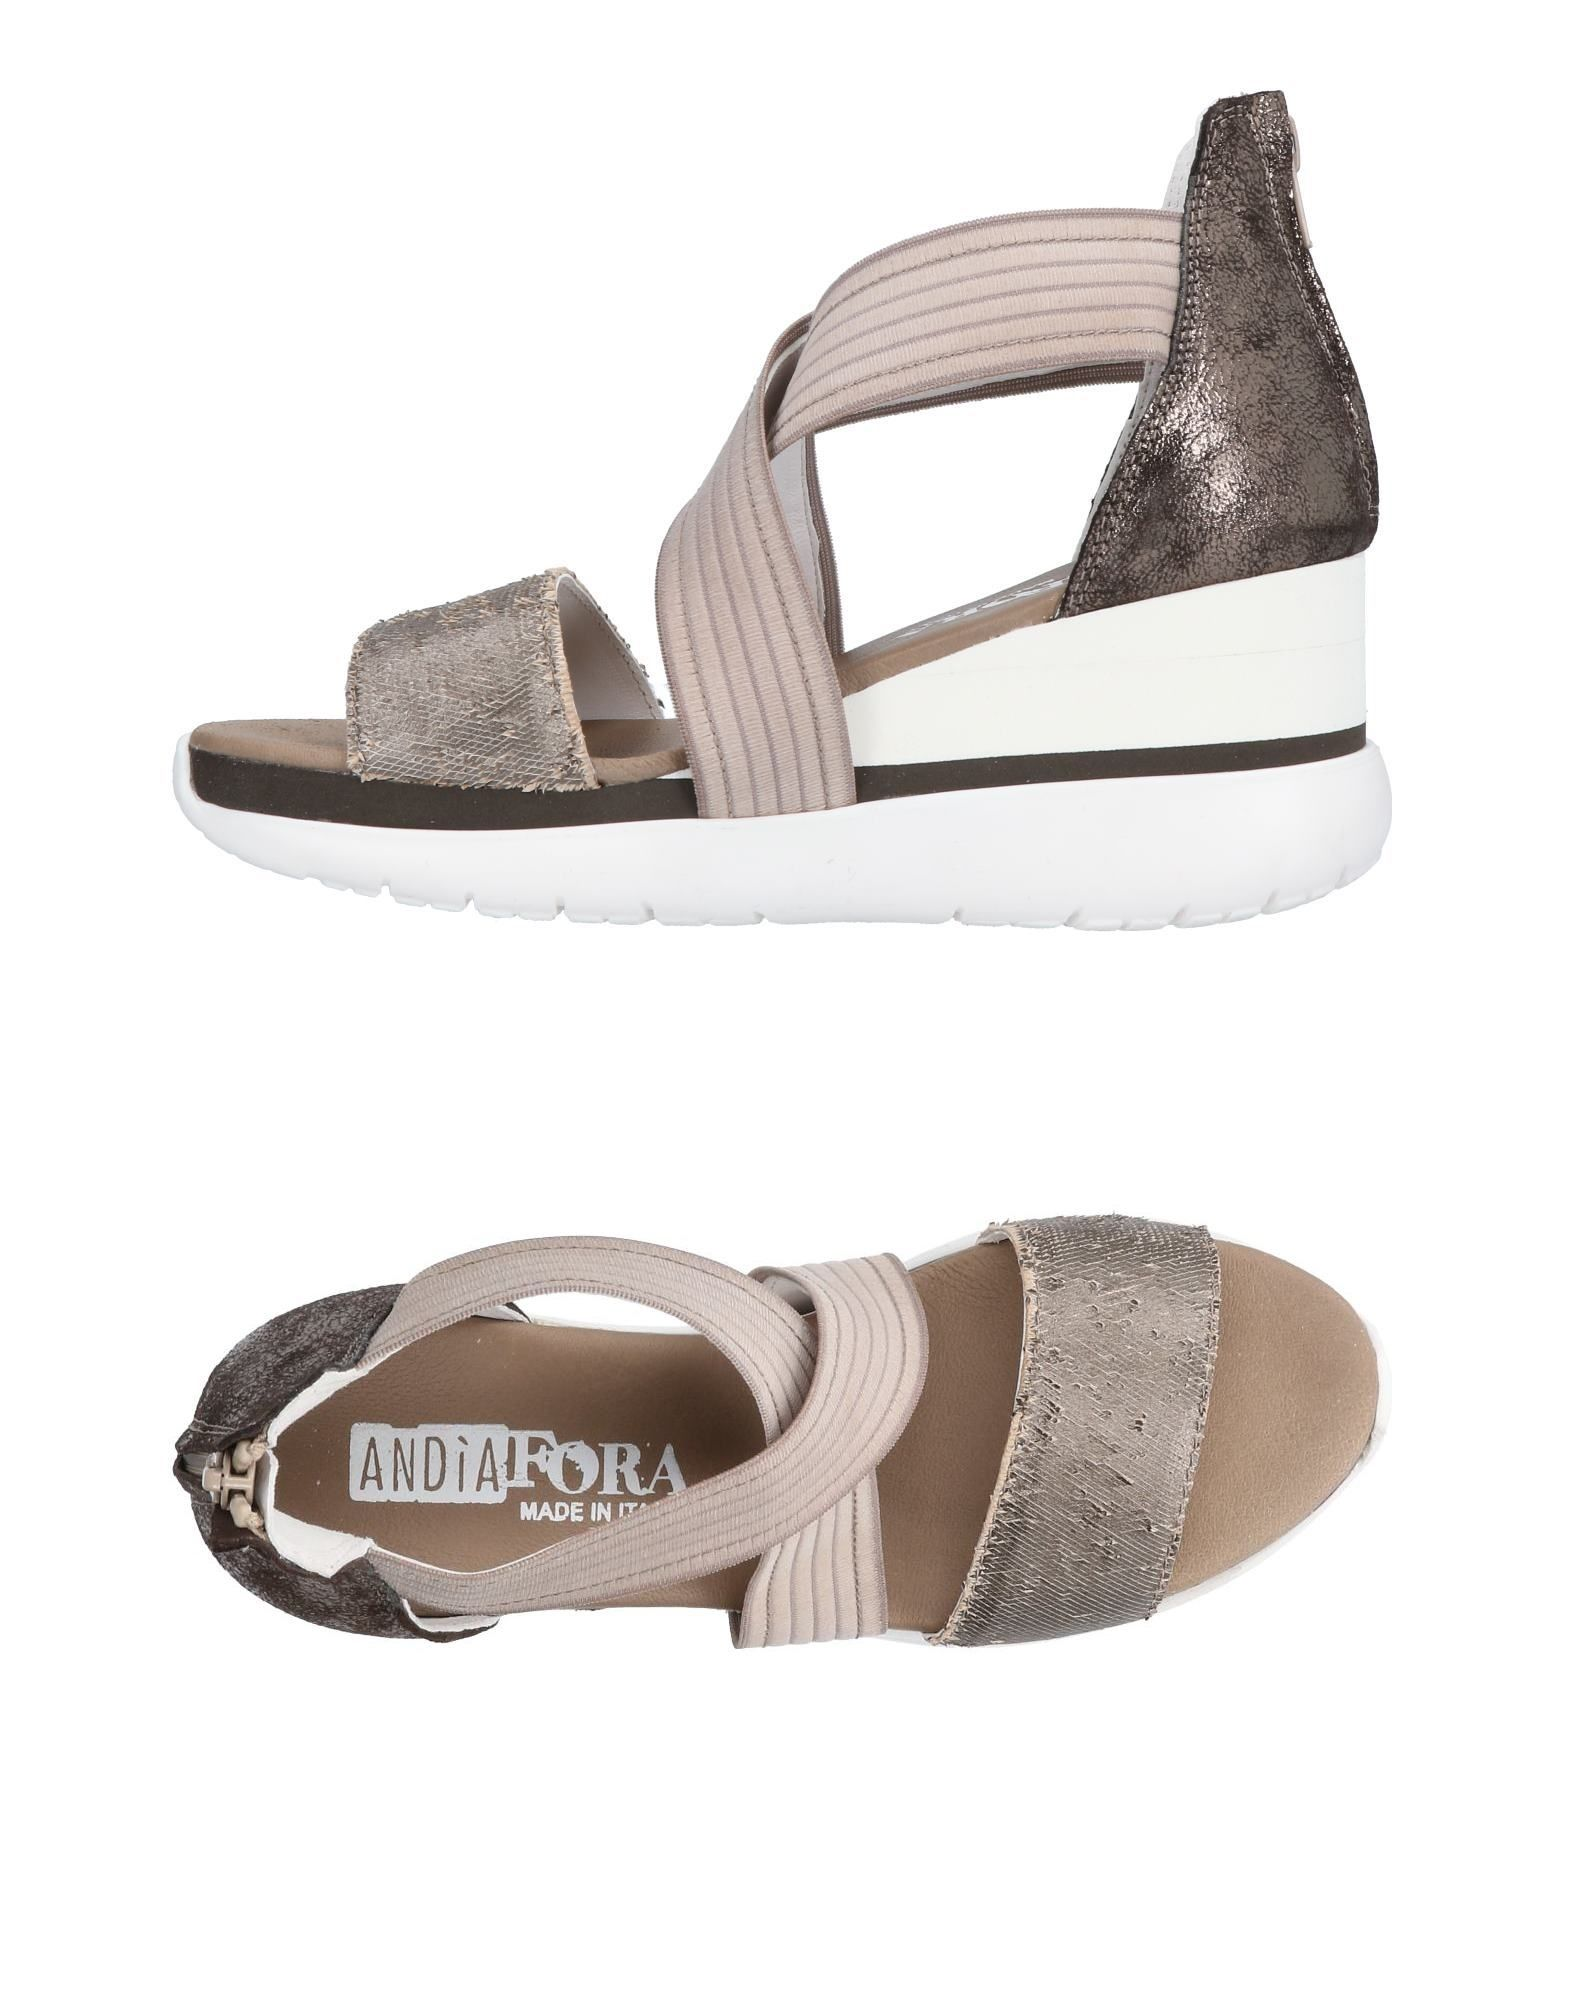 Andìa Fora Sandalen Damen  11396342GF Gute Qualität beliebte Schuhe Schuhe beliebte b6daeb